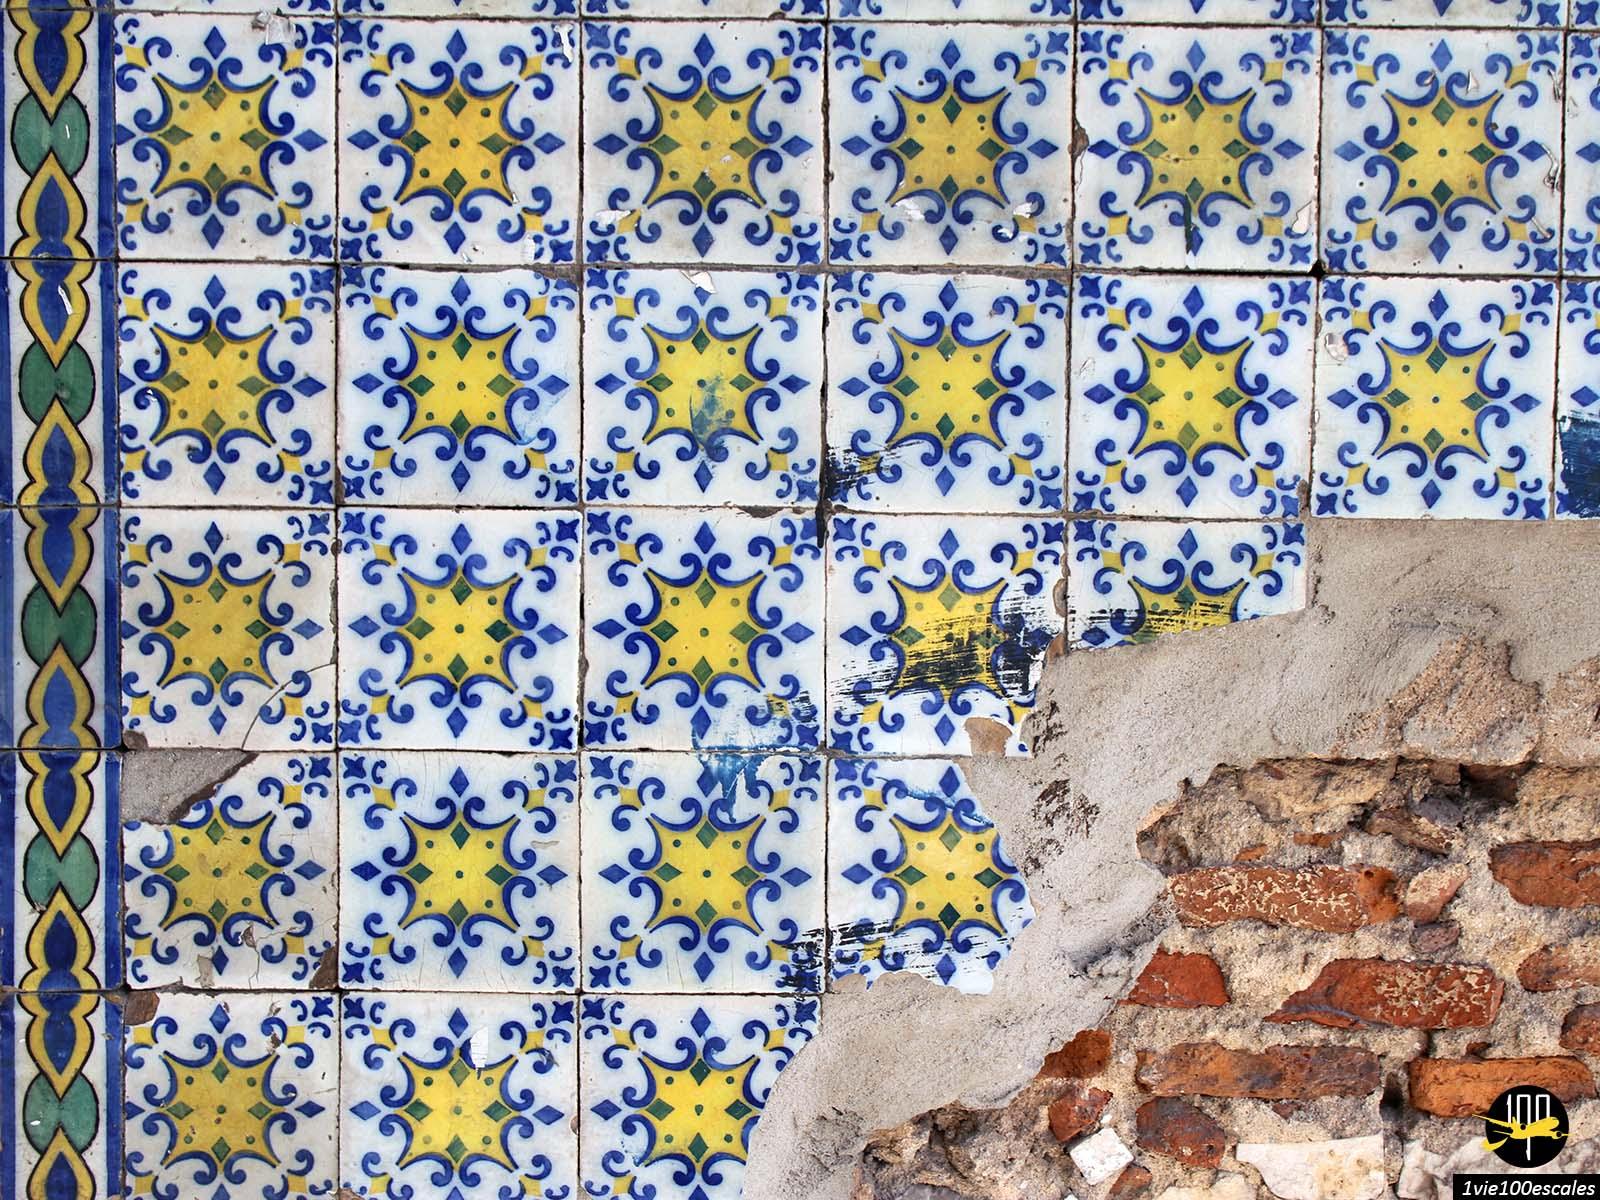 Les azulejos magnifiques carreaux de faïence qui ornent les façades de Lisbonne